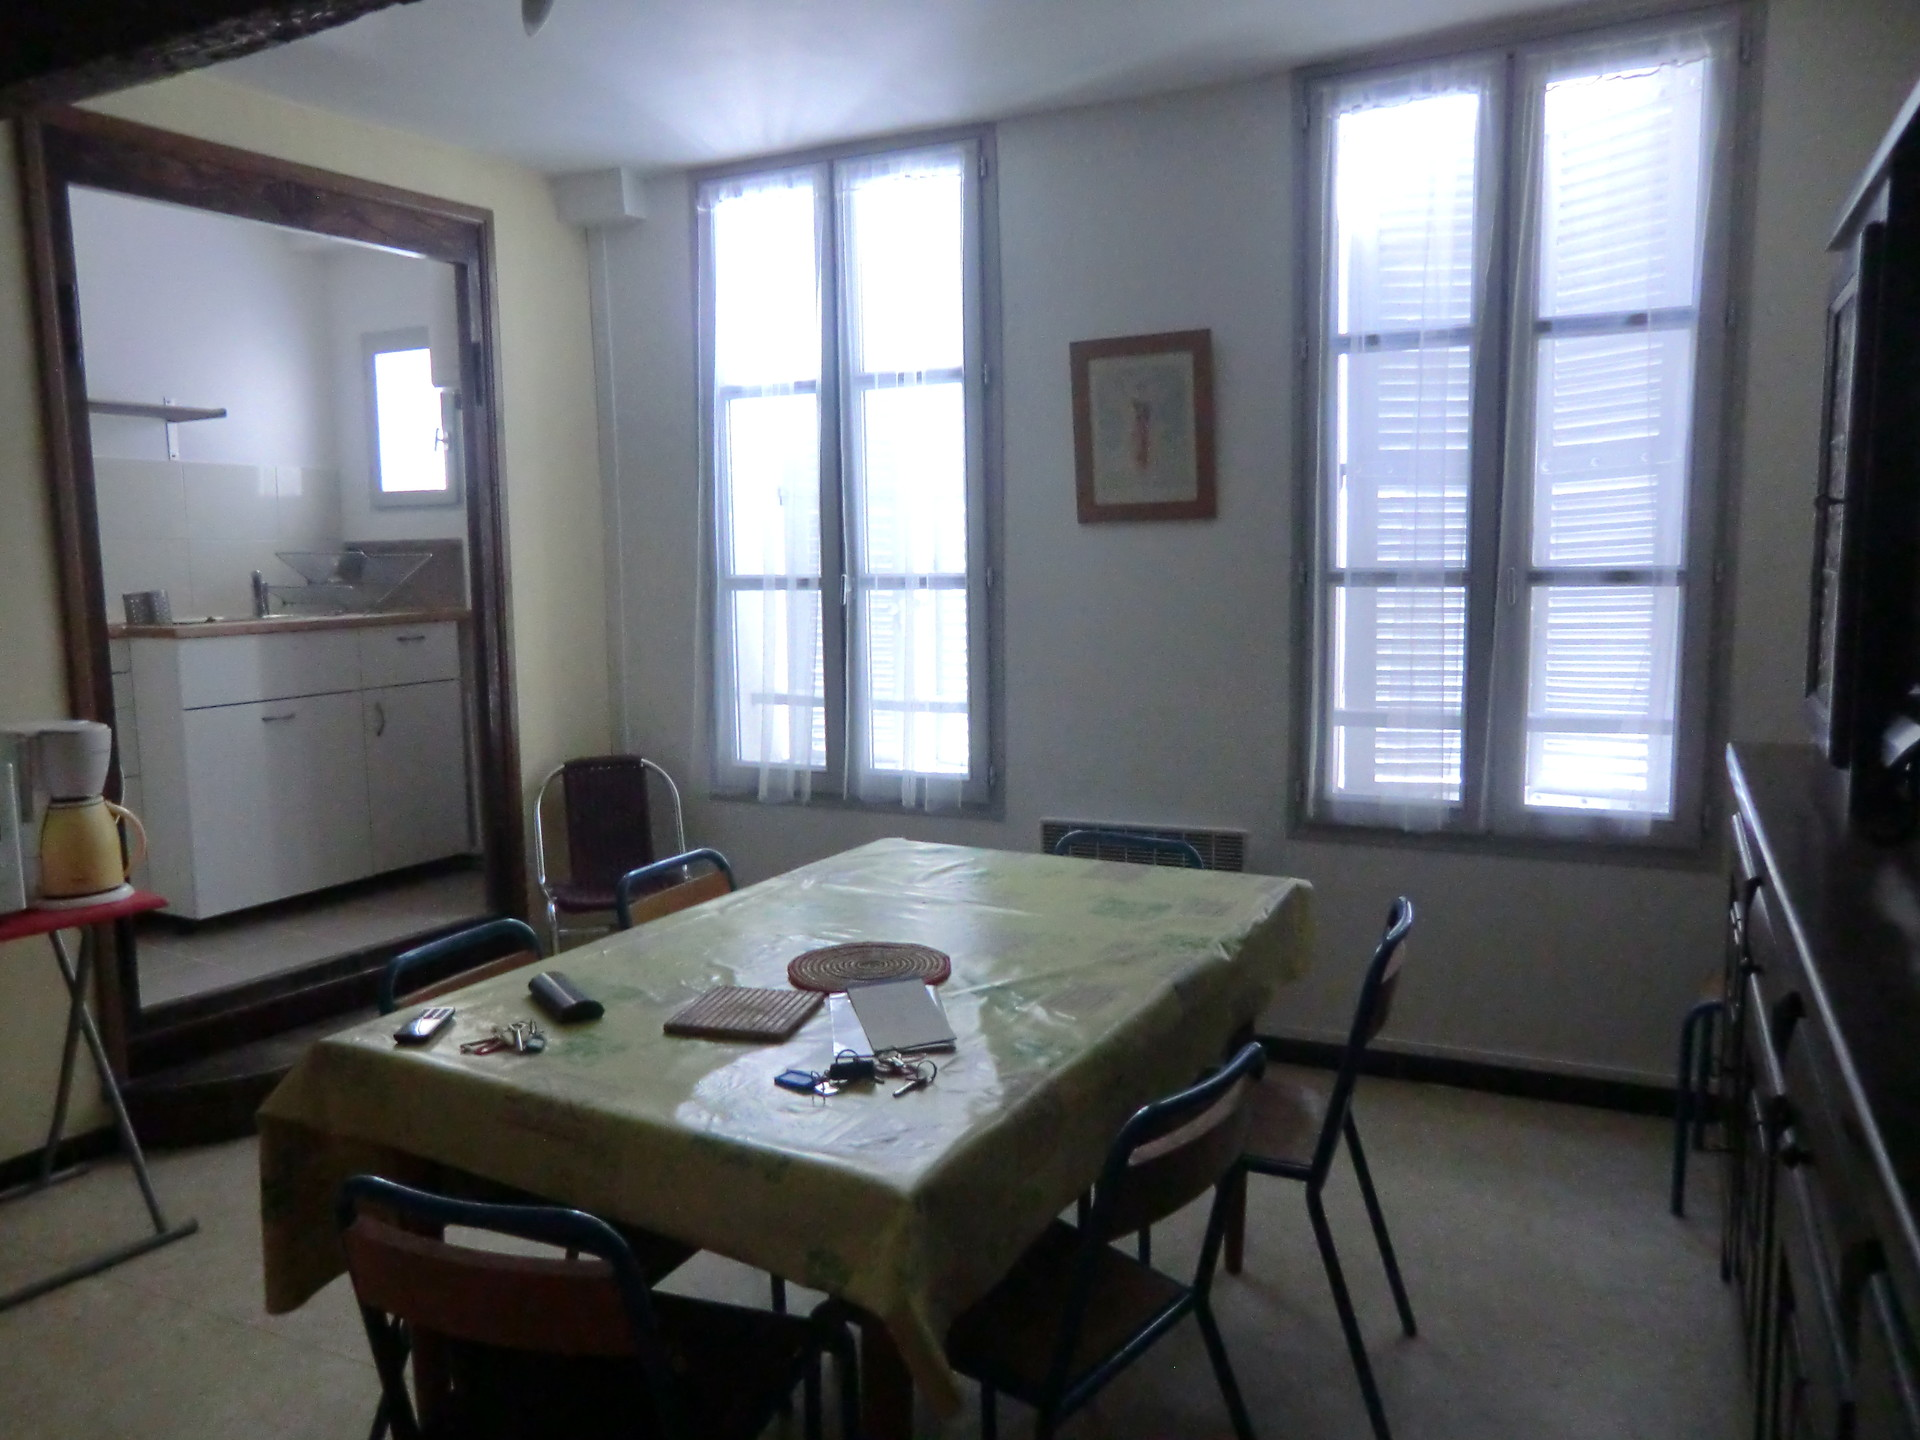 chambre-maison-centre-ville-colocation-5a9cd2a98c322fca0d24a19a517f2a37